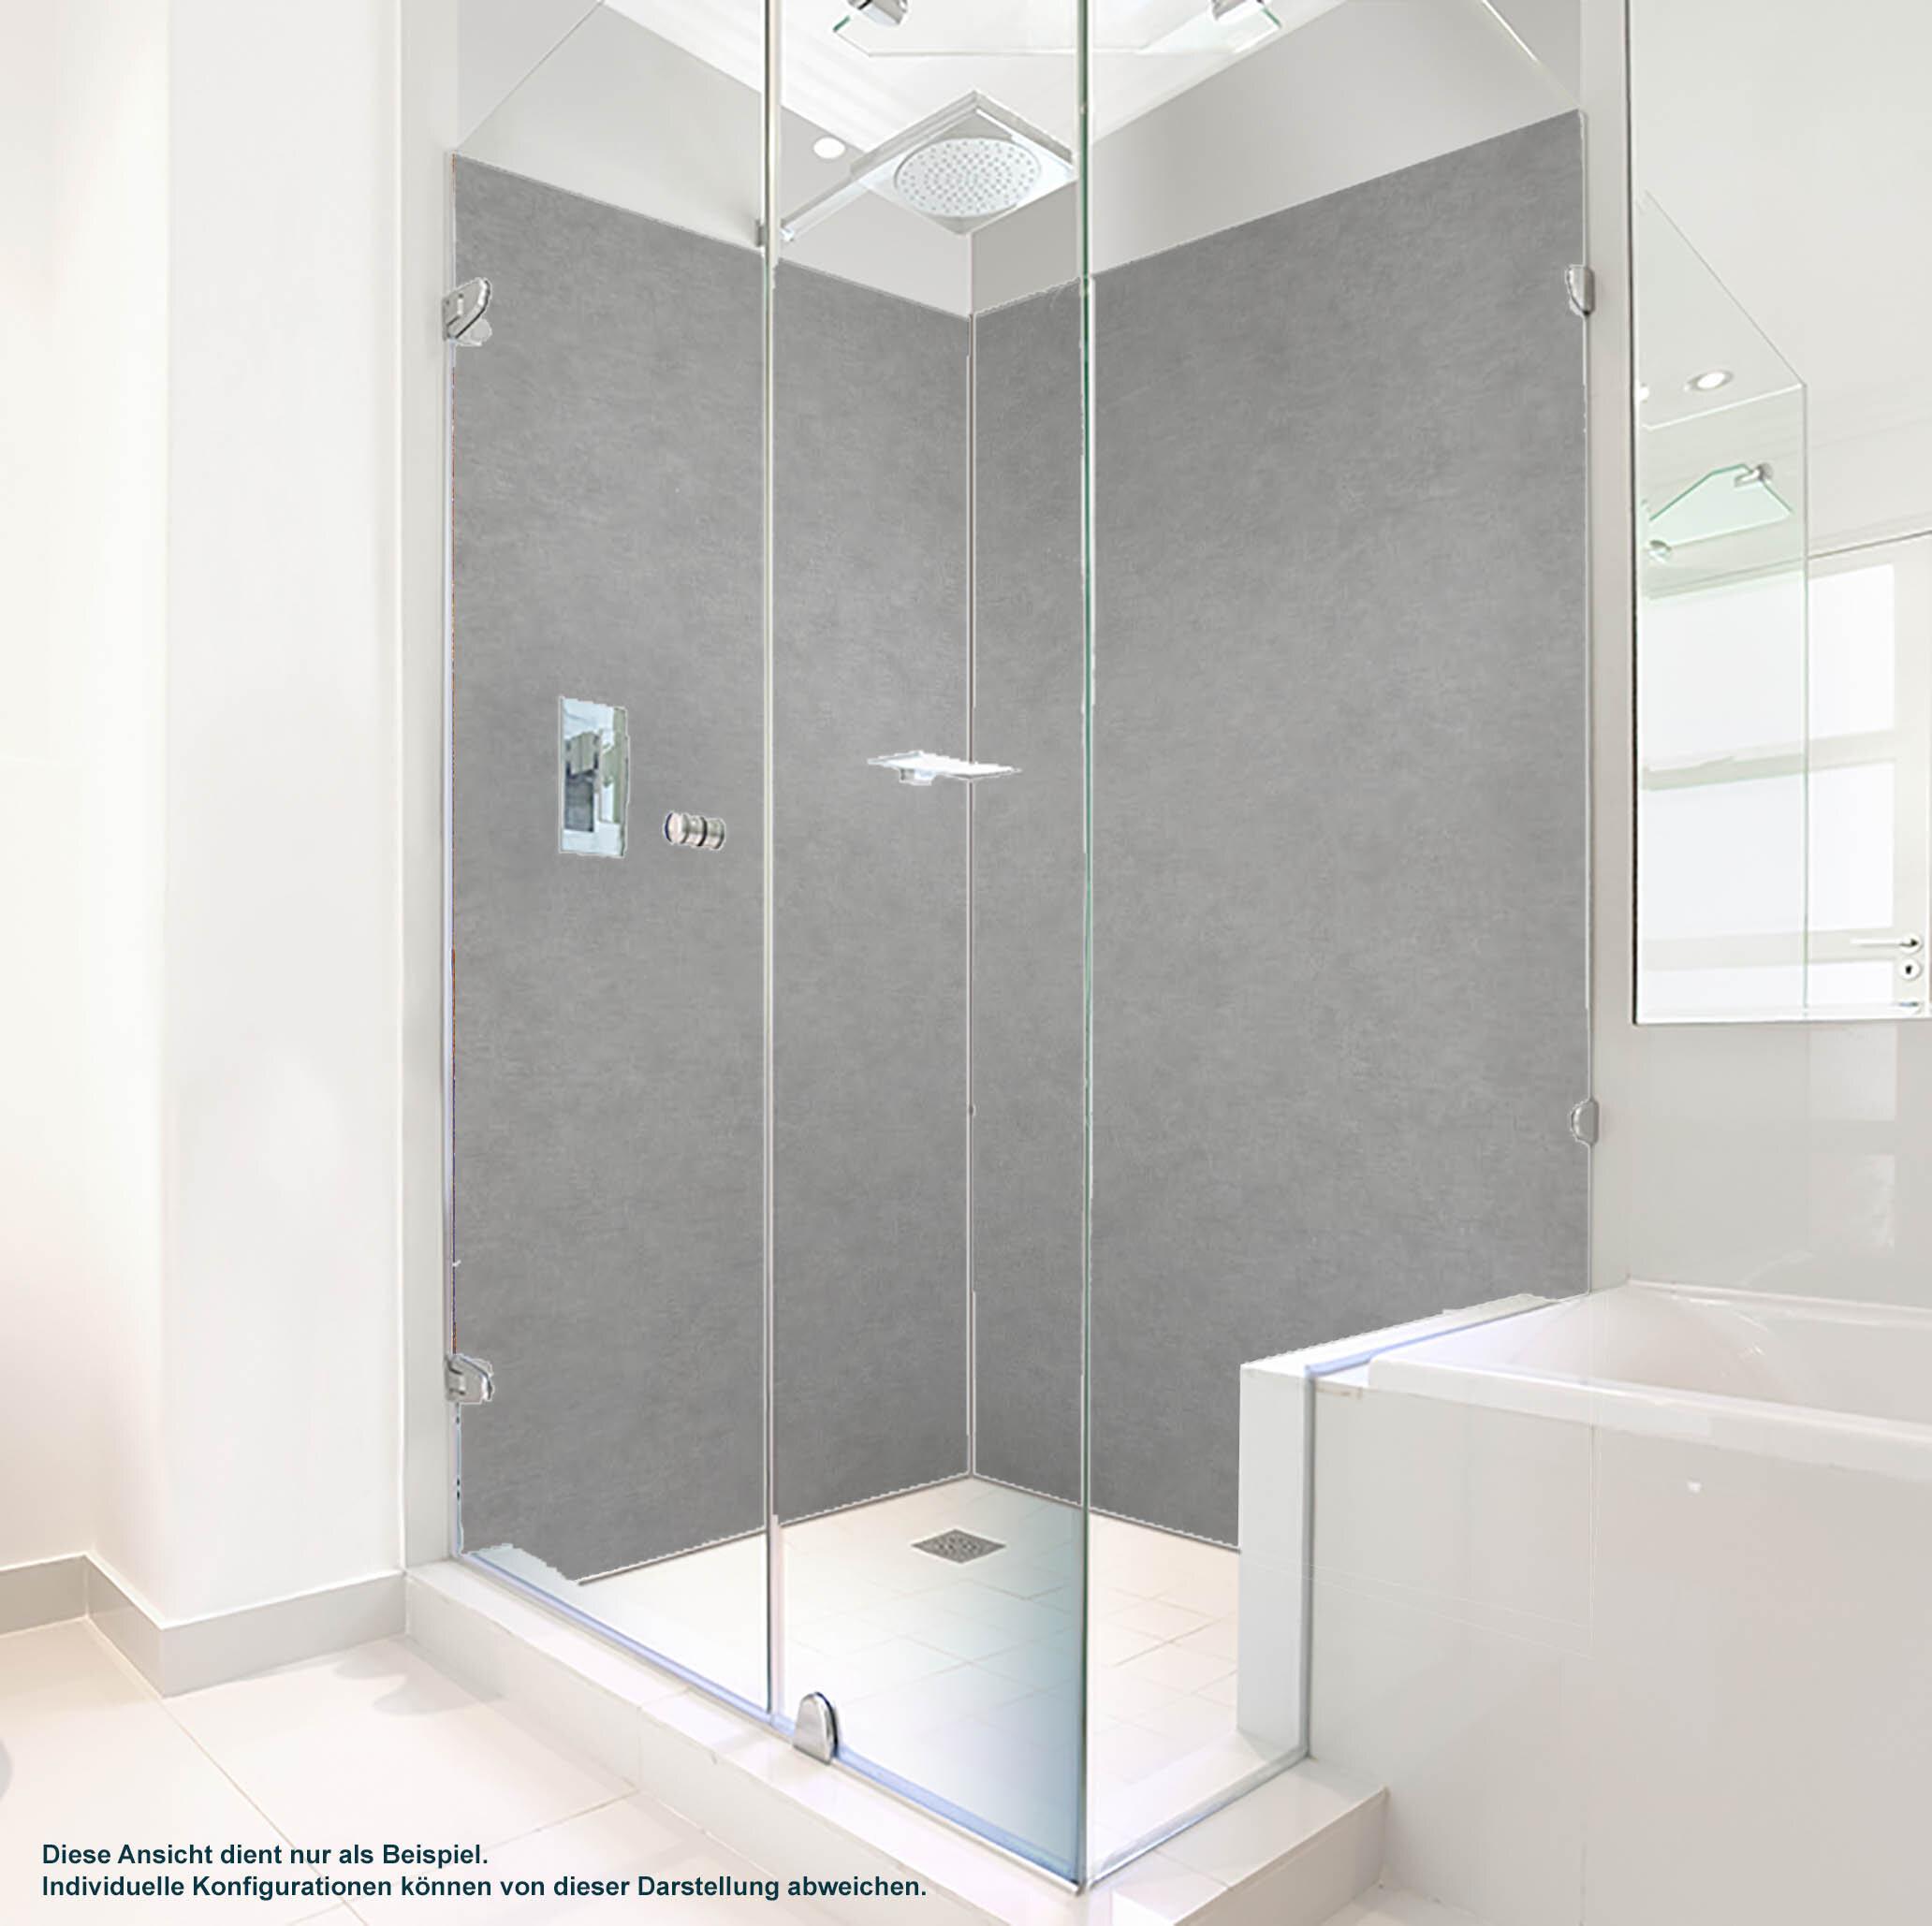 Dusche PlateART Duschrückwand mit Motiv Beton glatt Hellgrau